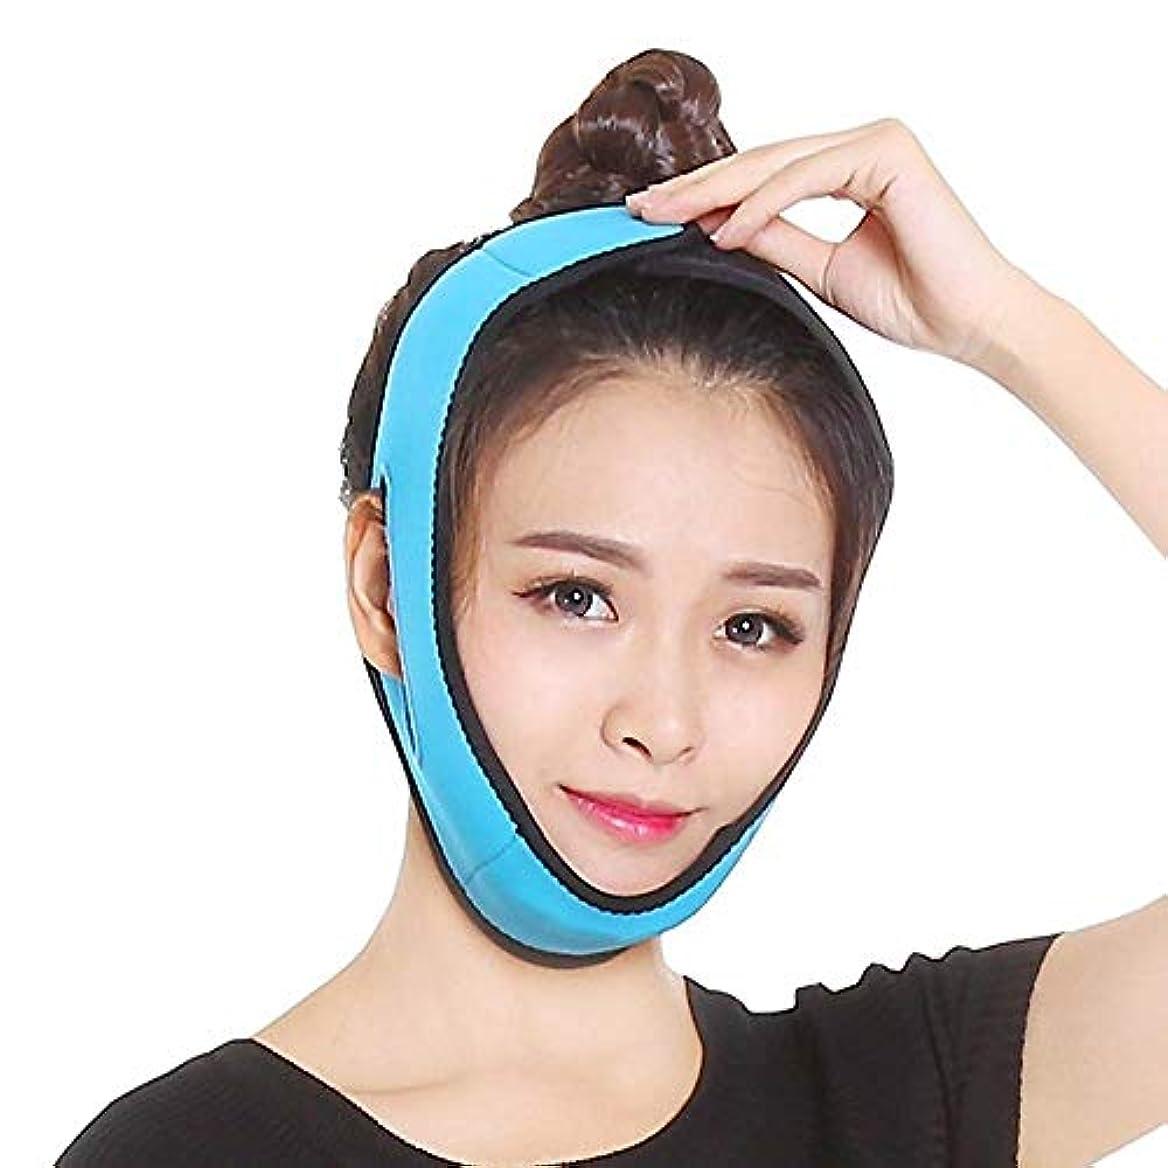 動機付ける印象的ネストThin Face Belt - 薄型フェイスツール薄型フェイスベルト通気性ラテックスマッサージVタイプフェイスアーティファクトフェイス薄型マスクフェイスリフティングベルト